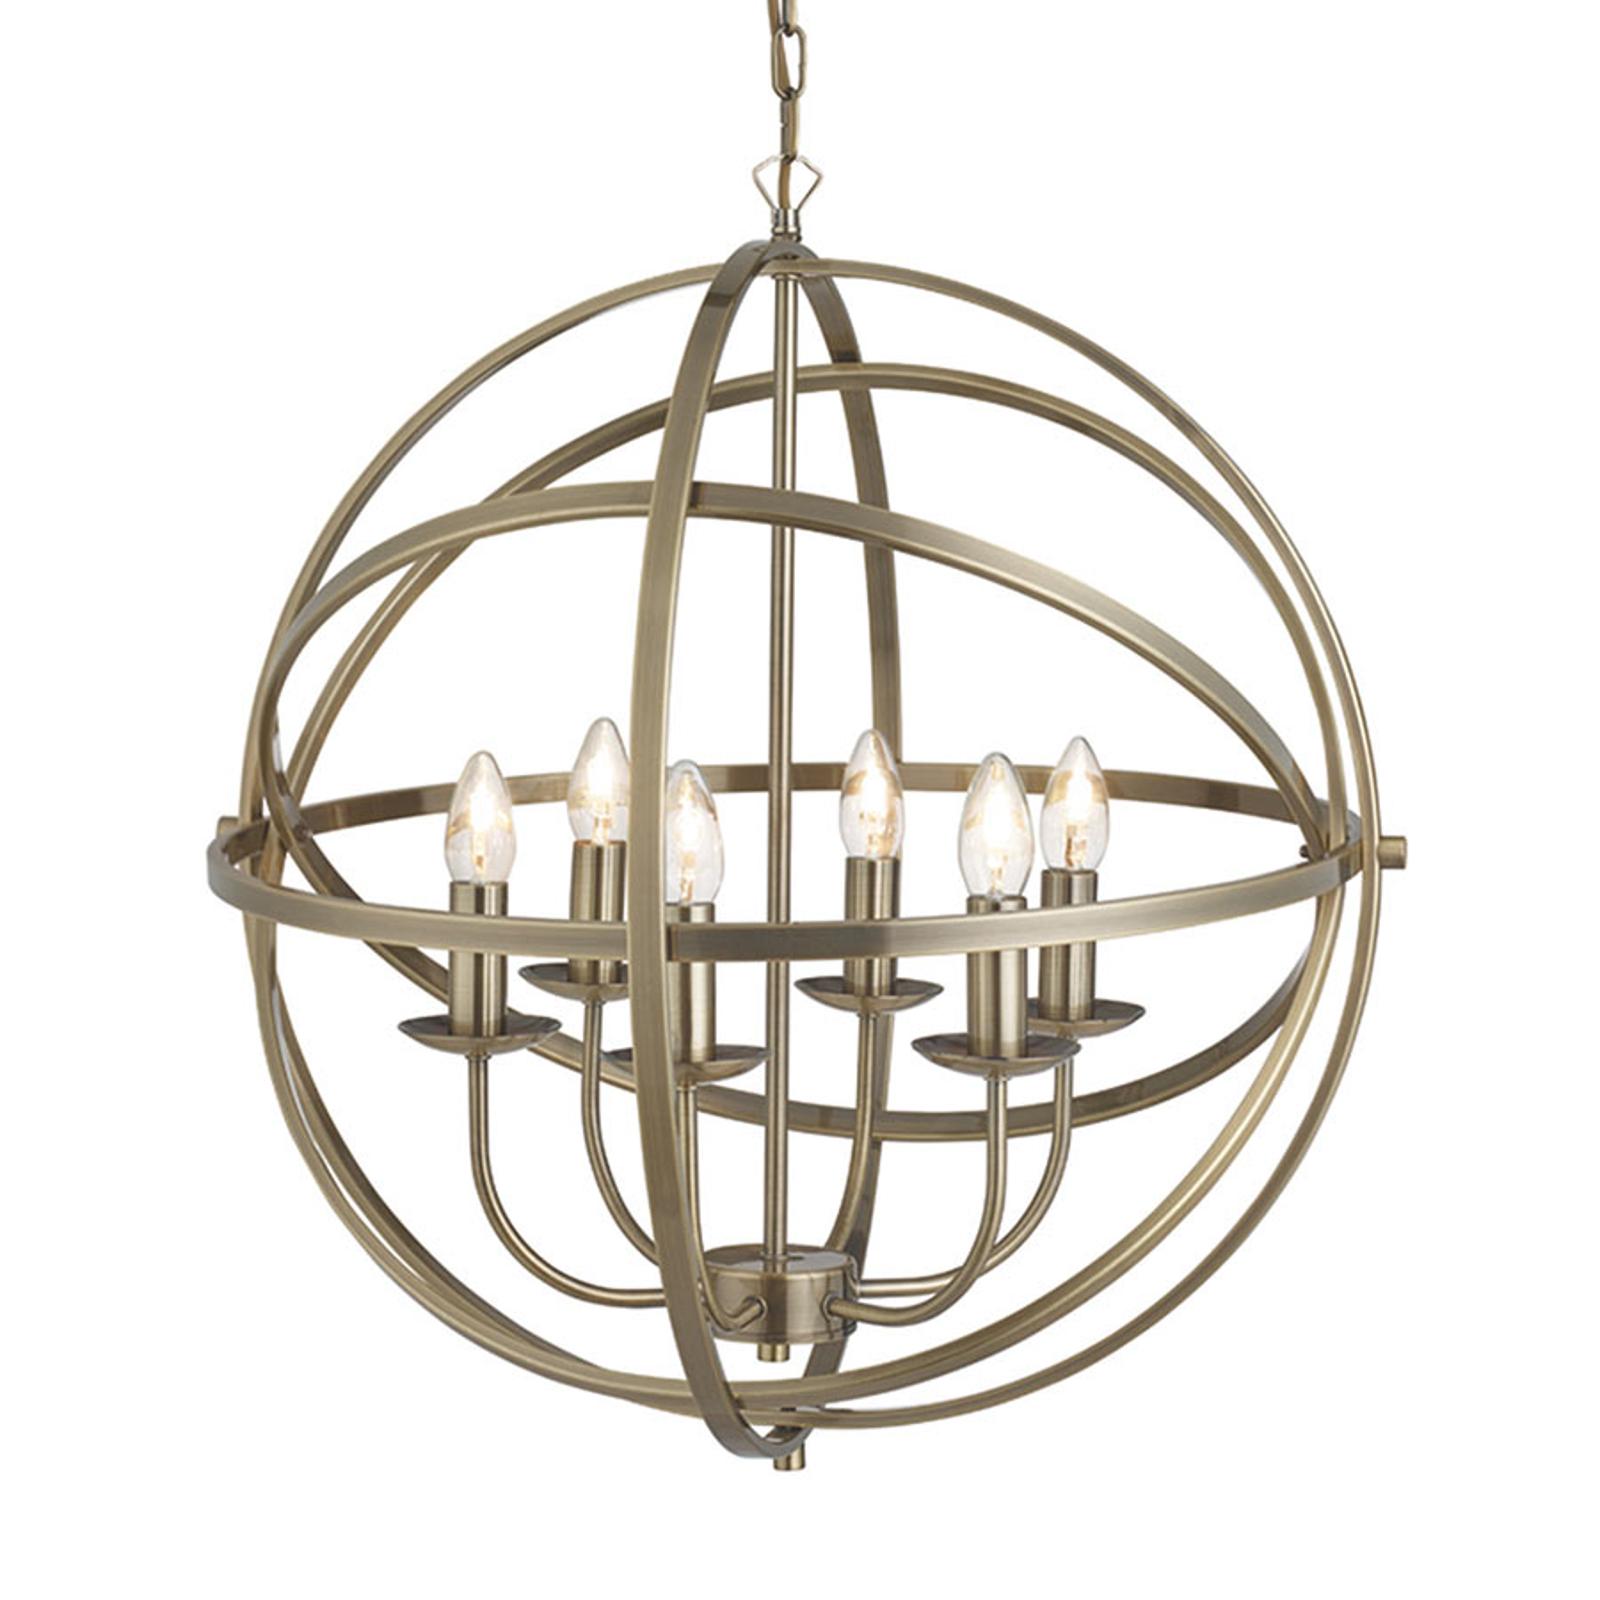 Wdzięczna lampa wisząca Orbit o designie klatki